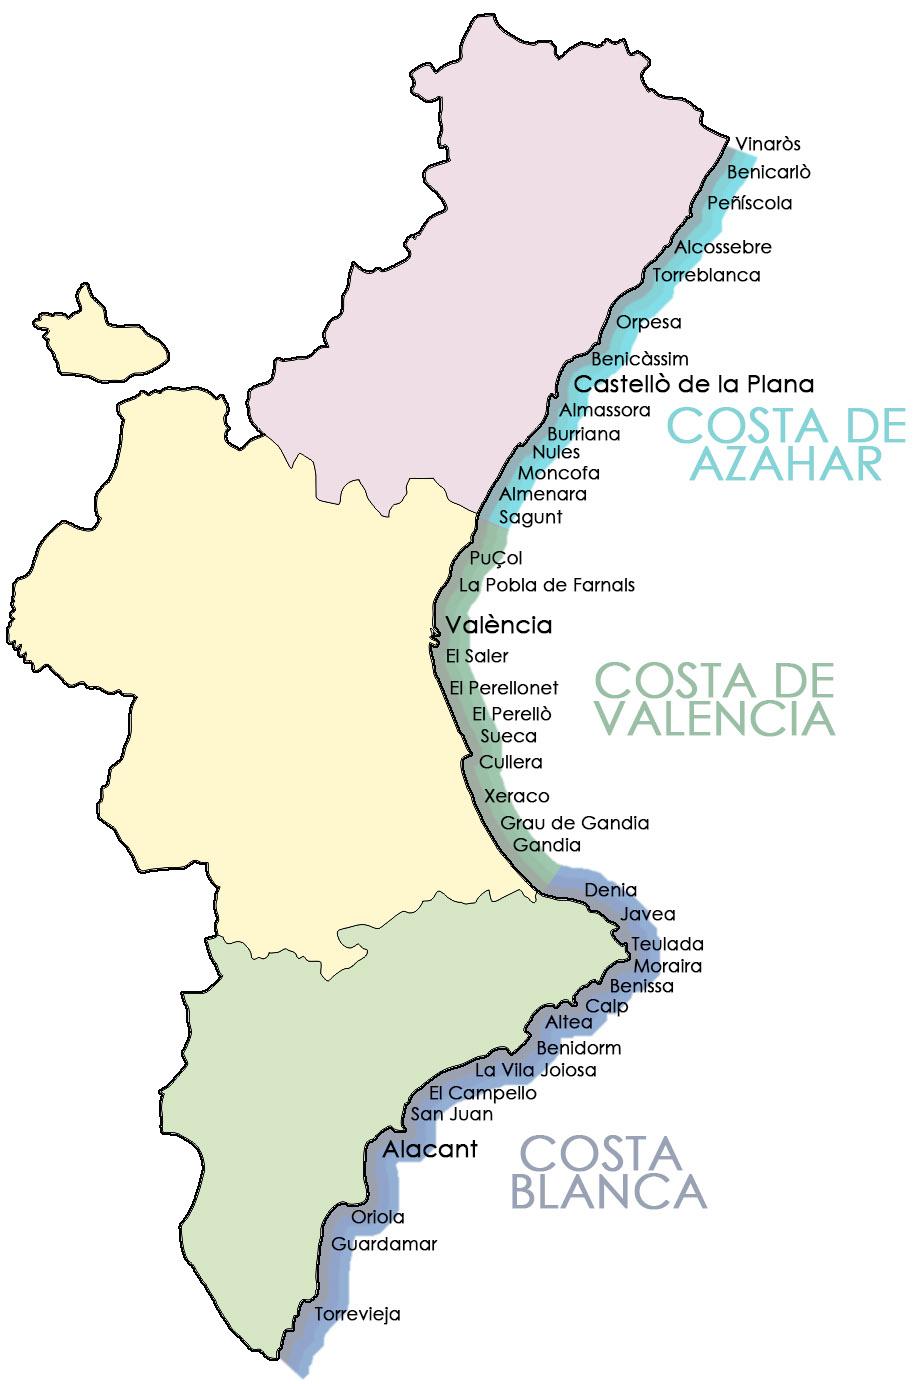 Mapa Costa Comunidad Valenciana.Playas De La Comunidad Valenciana Costa Blanca Costa De